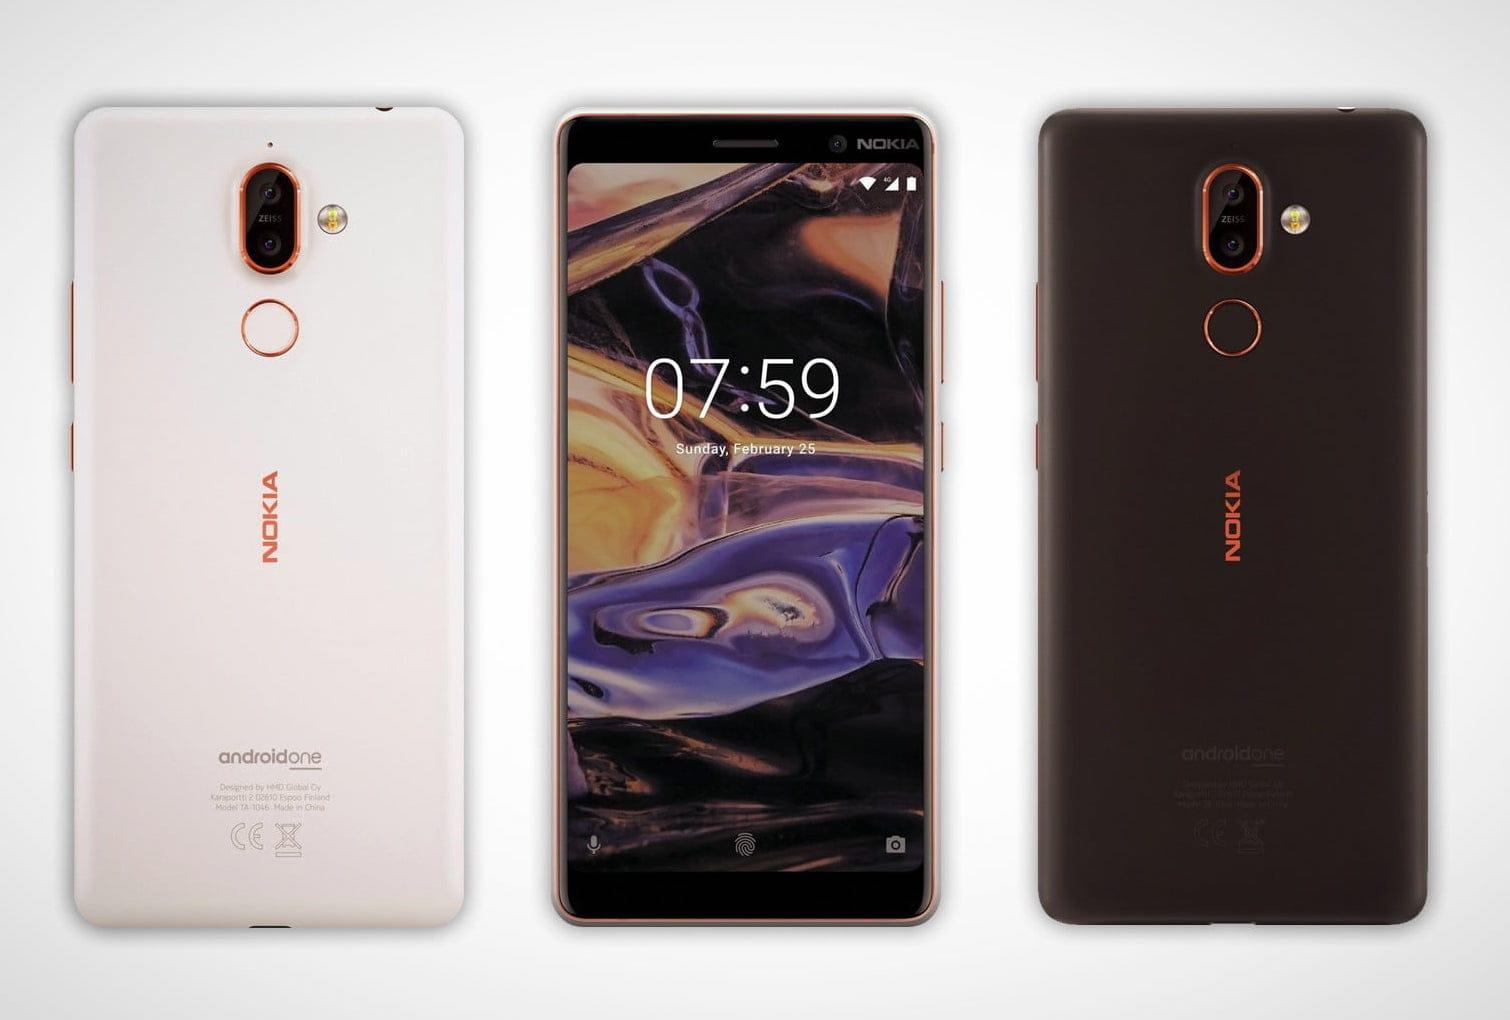 HMD Global в Российской Федерации начала продажи телефона нокиа 7 Plus